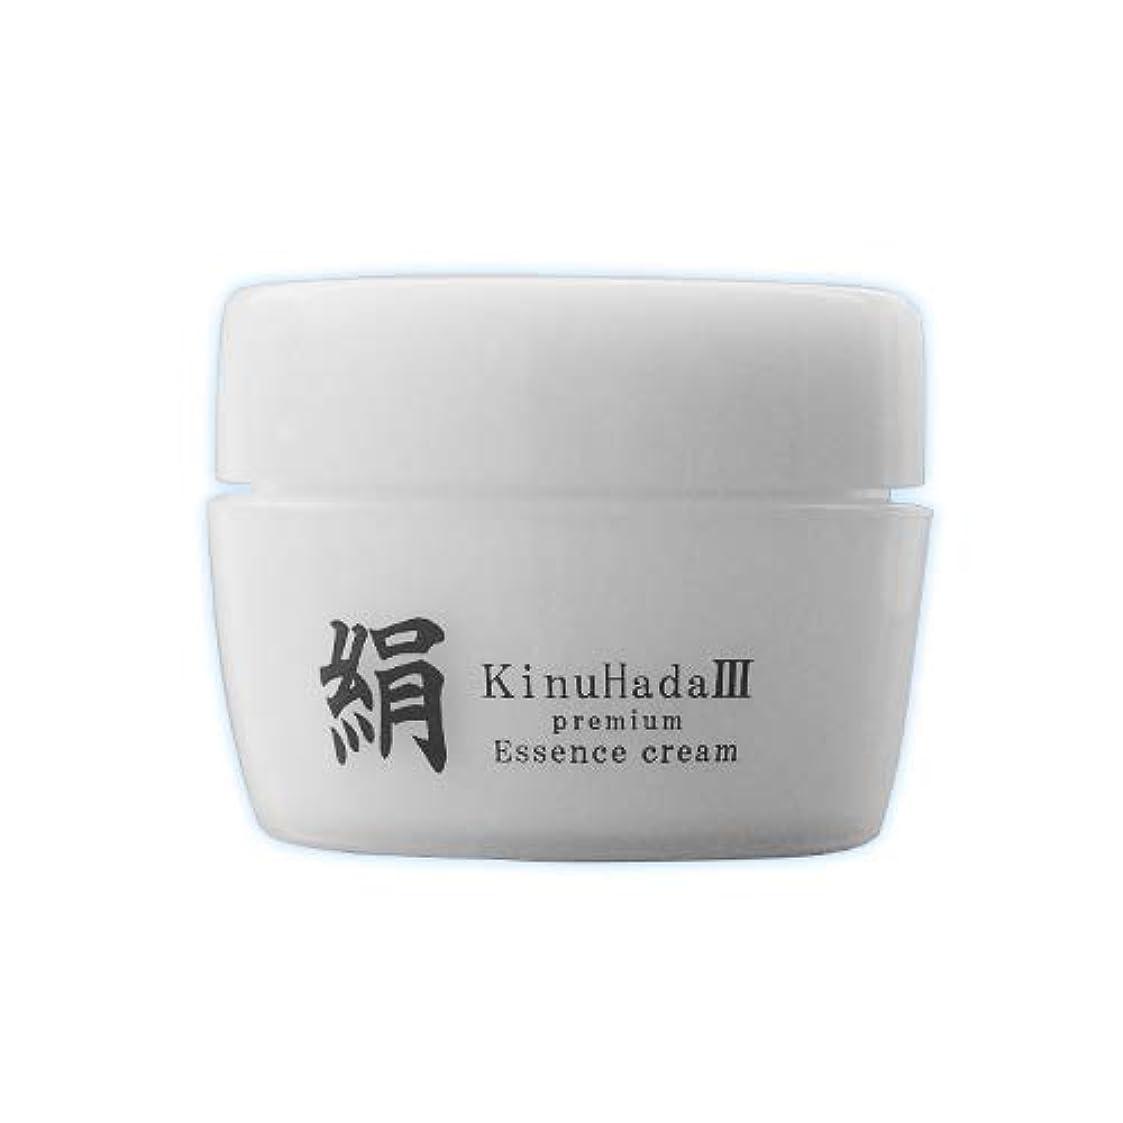 実際の早める名前KinuHada 3 premium 60g オールインワン 美容液 絹